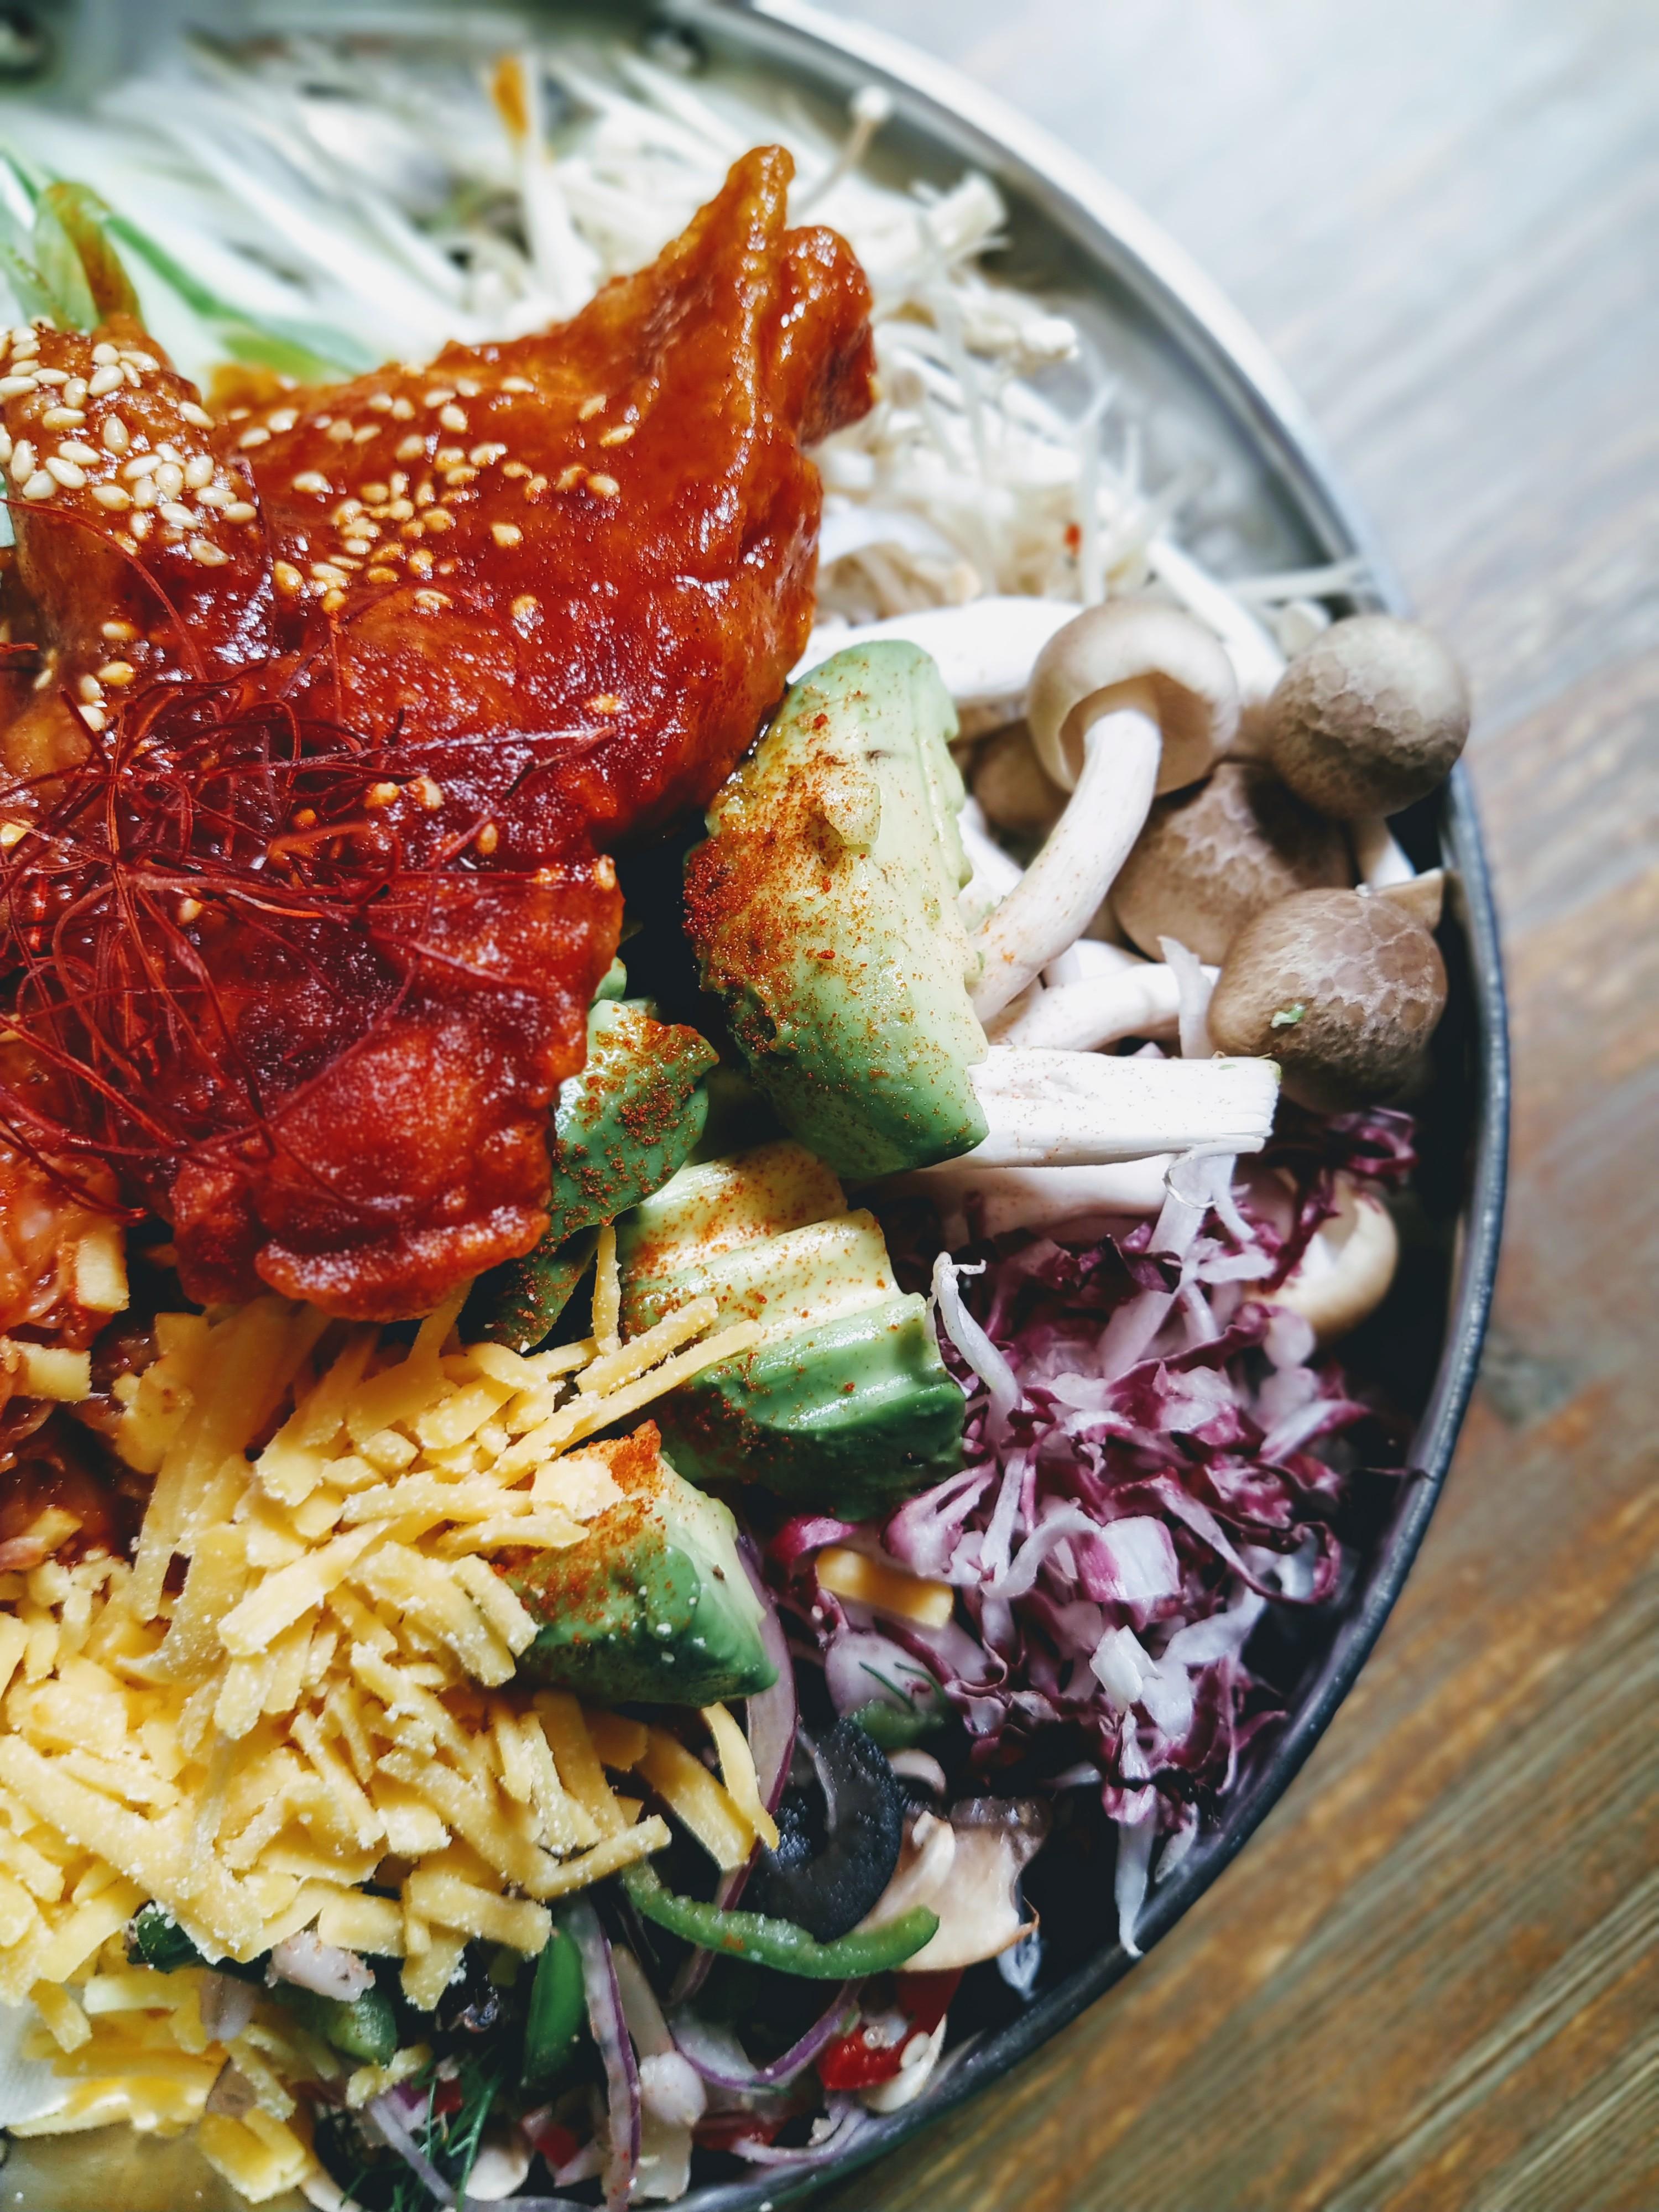 ヤンニョムチキンのせのしびれタンタン鍋